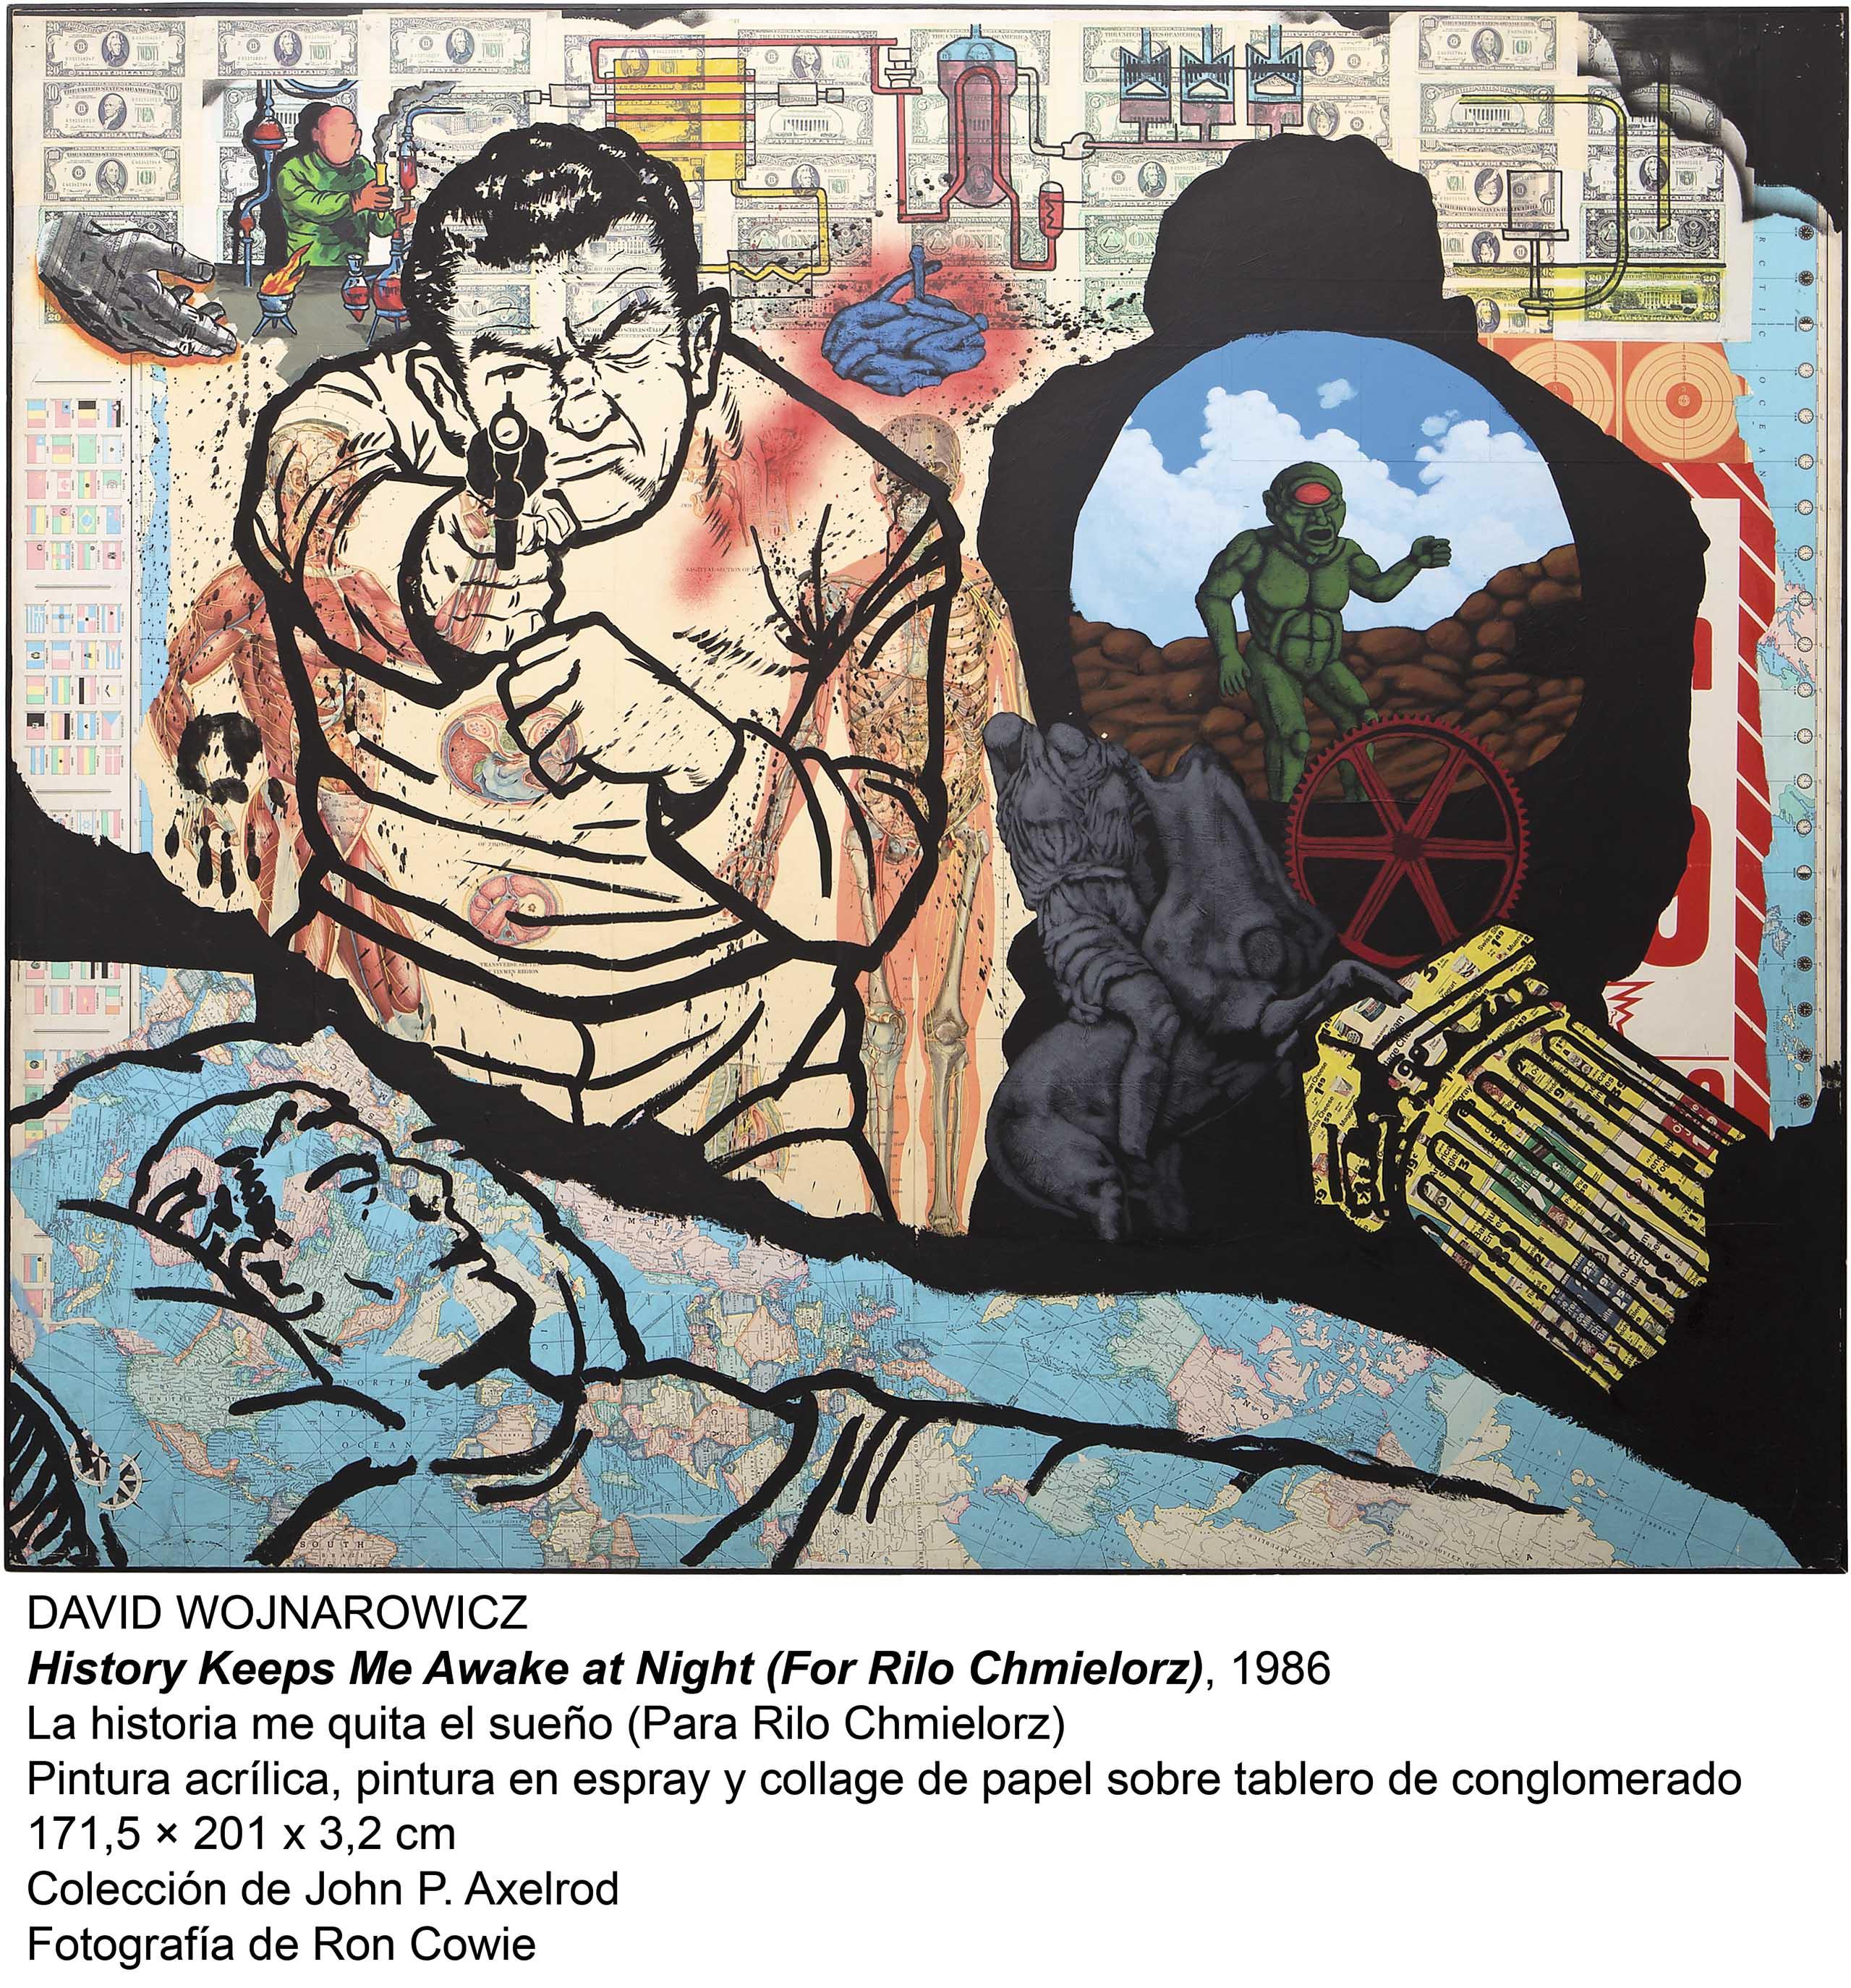 History Keeps Me Awake at Night (For Rilo Chmielorz) - La historia me quita el sueño (Para Rilo Chemielorz)